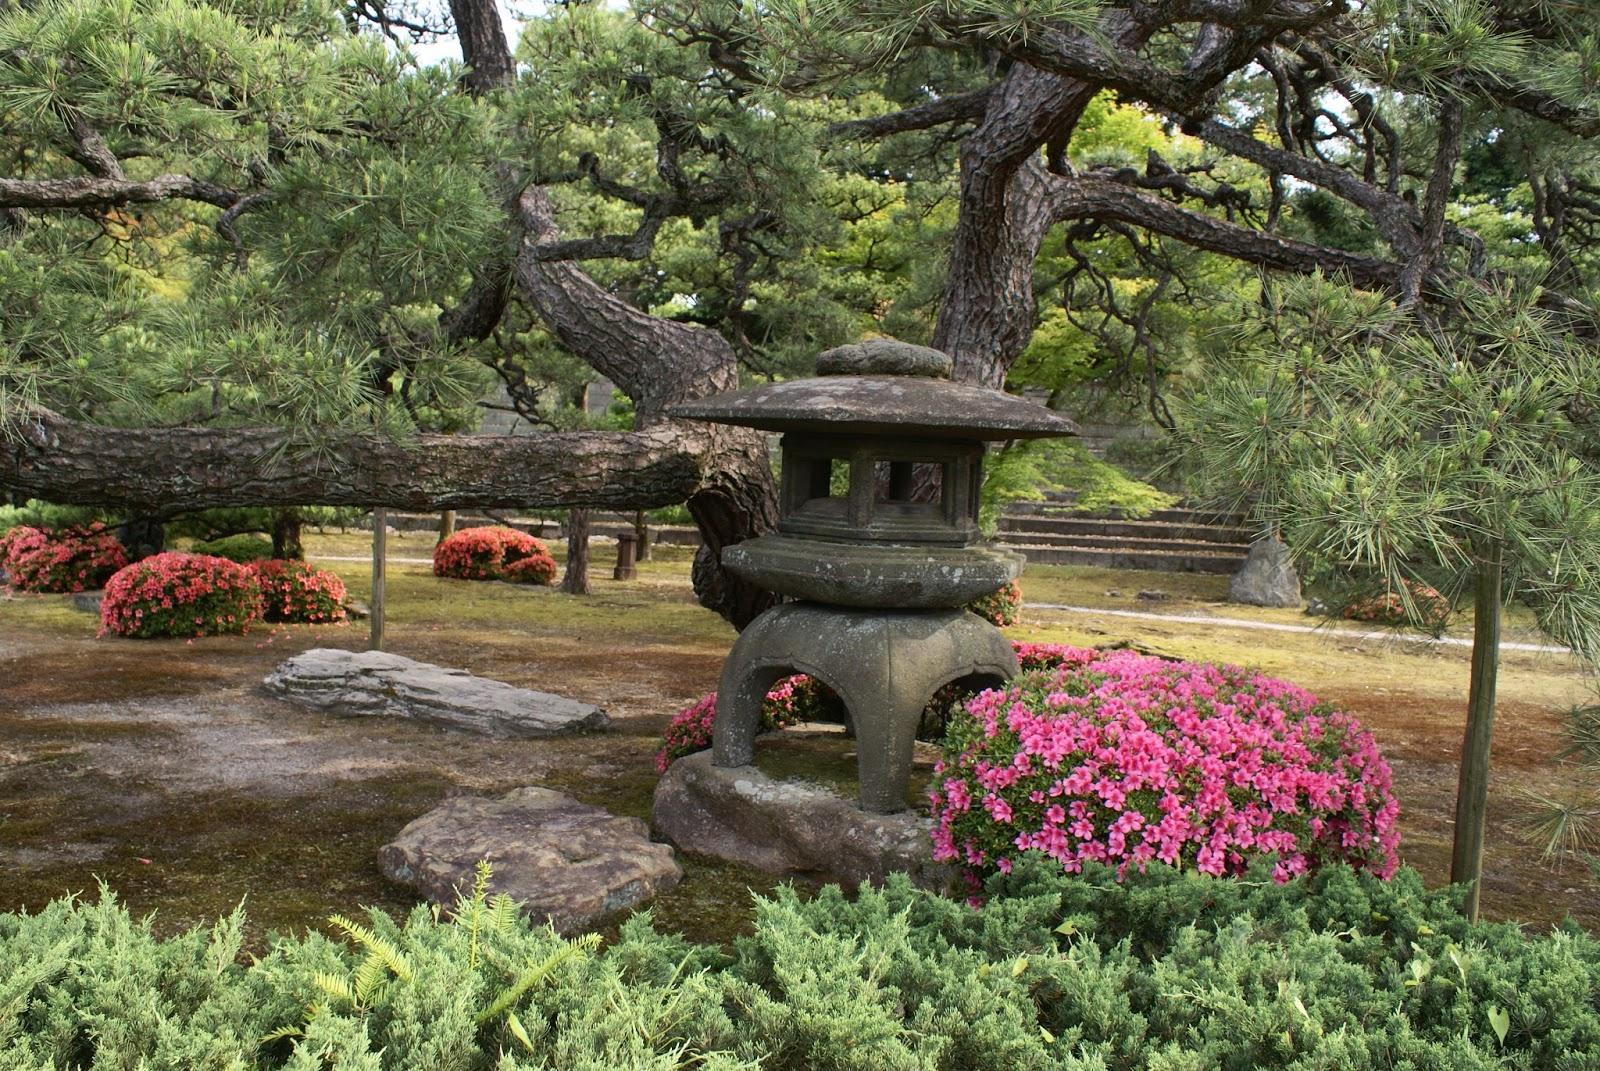 honmaru garden nijo-jo castle kyoto japan asia